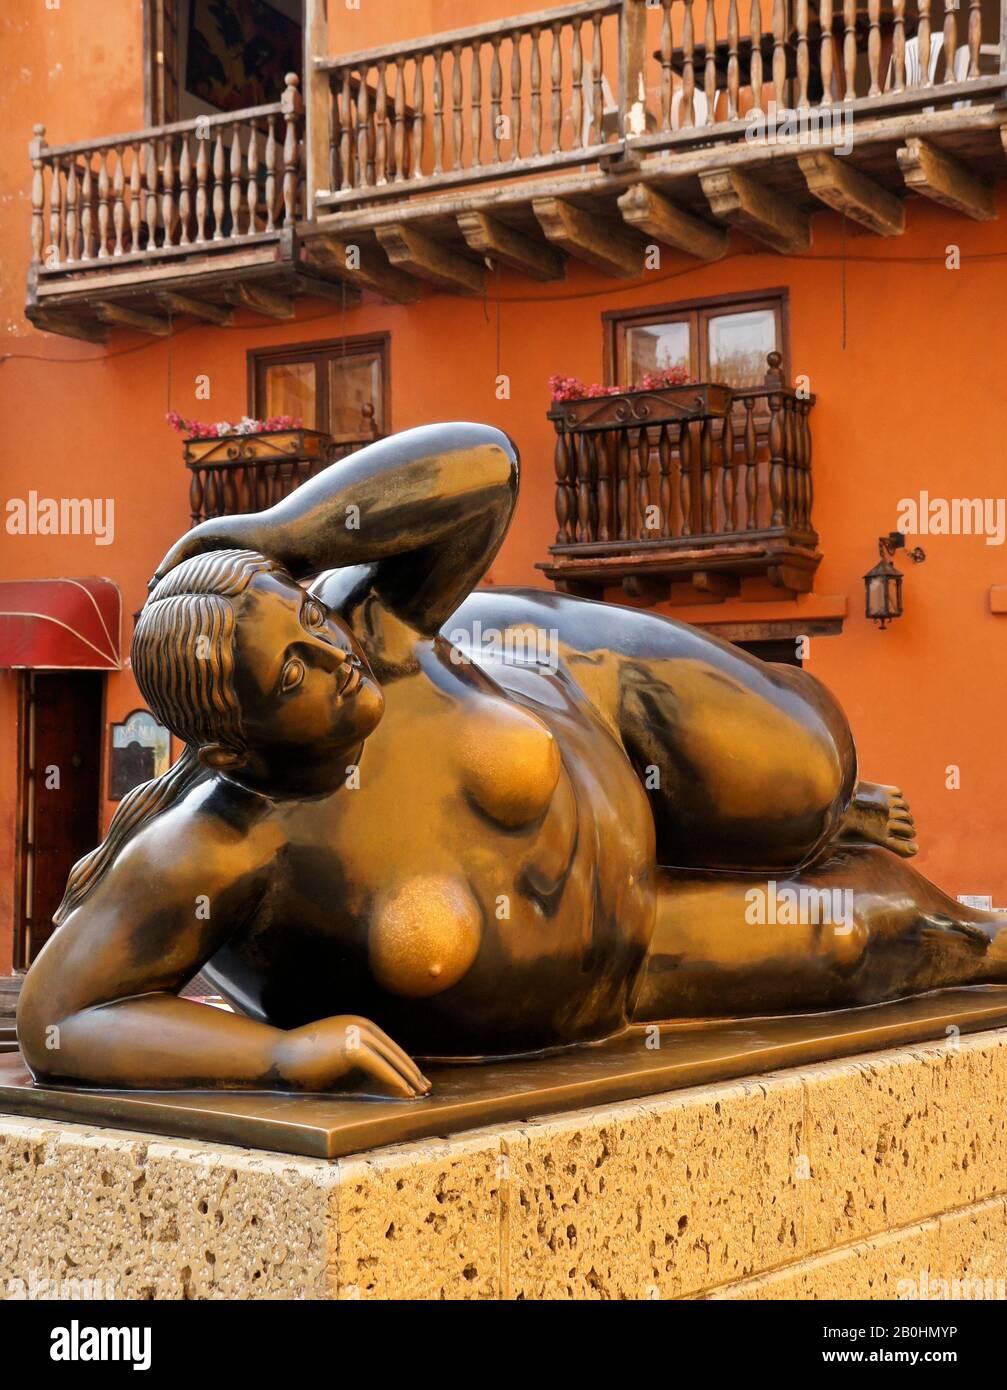 La escultura de bronce del artista Fernando Botero 'la Gorda Gertrudis' se reclina fuera del edificio colonial en Plaza San Francisco, Cartagena, Colombia Foto de stock